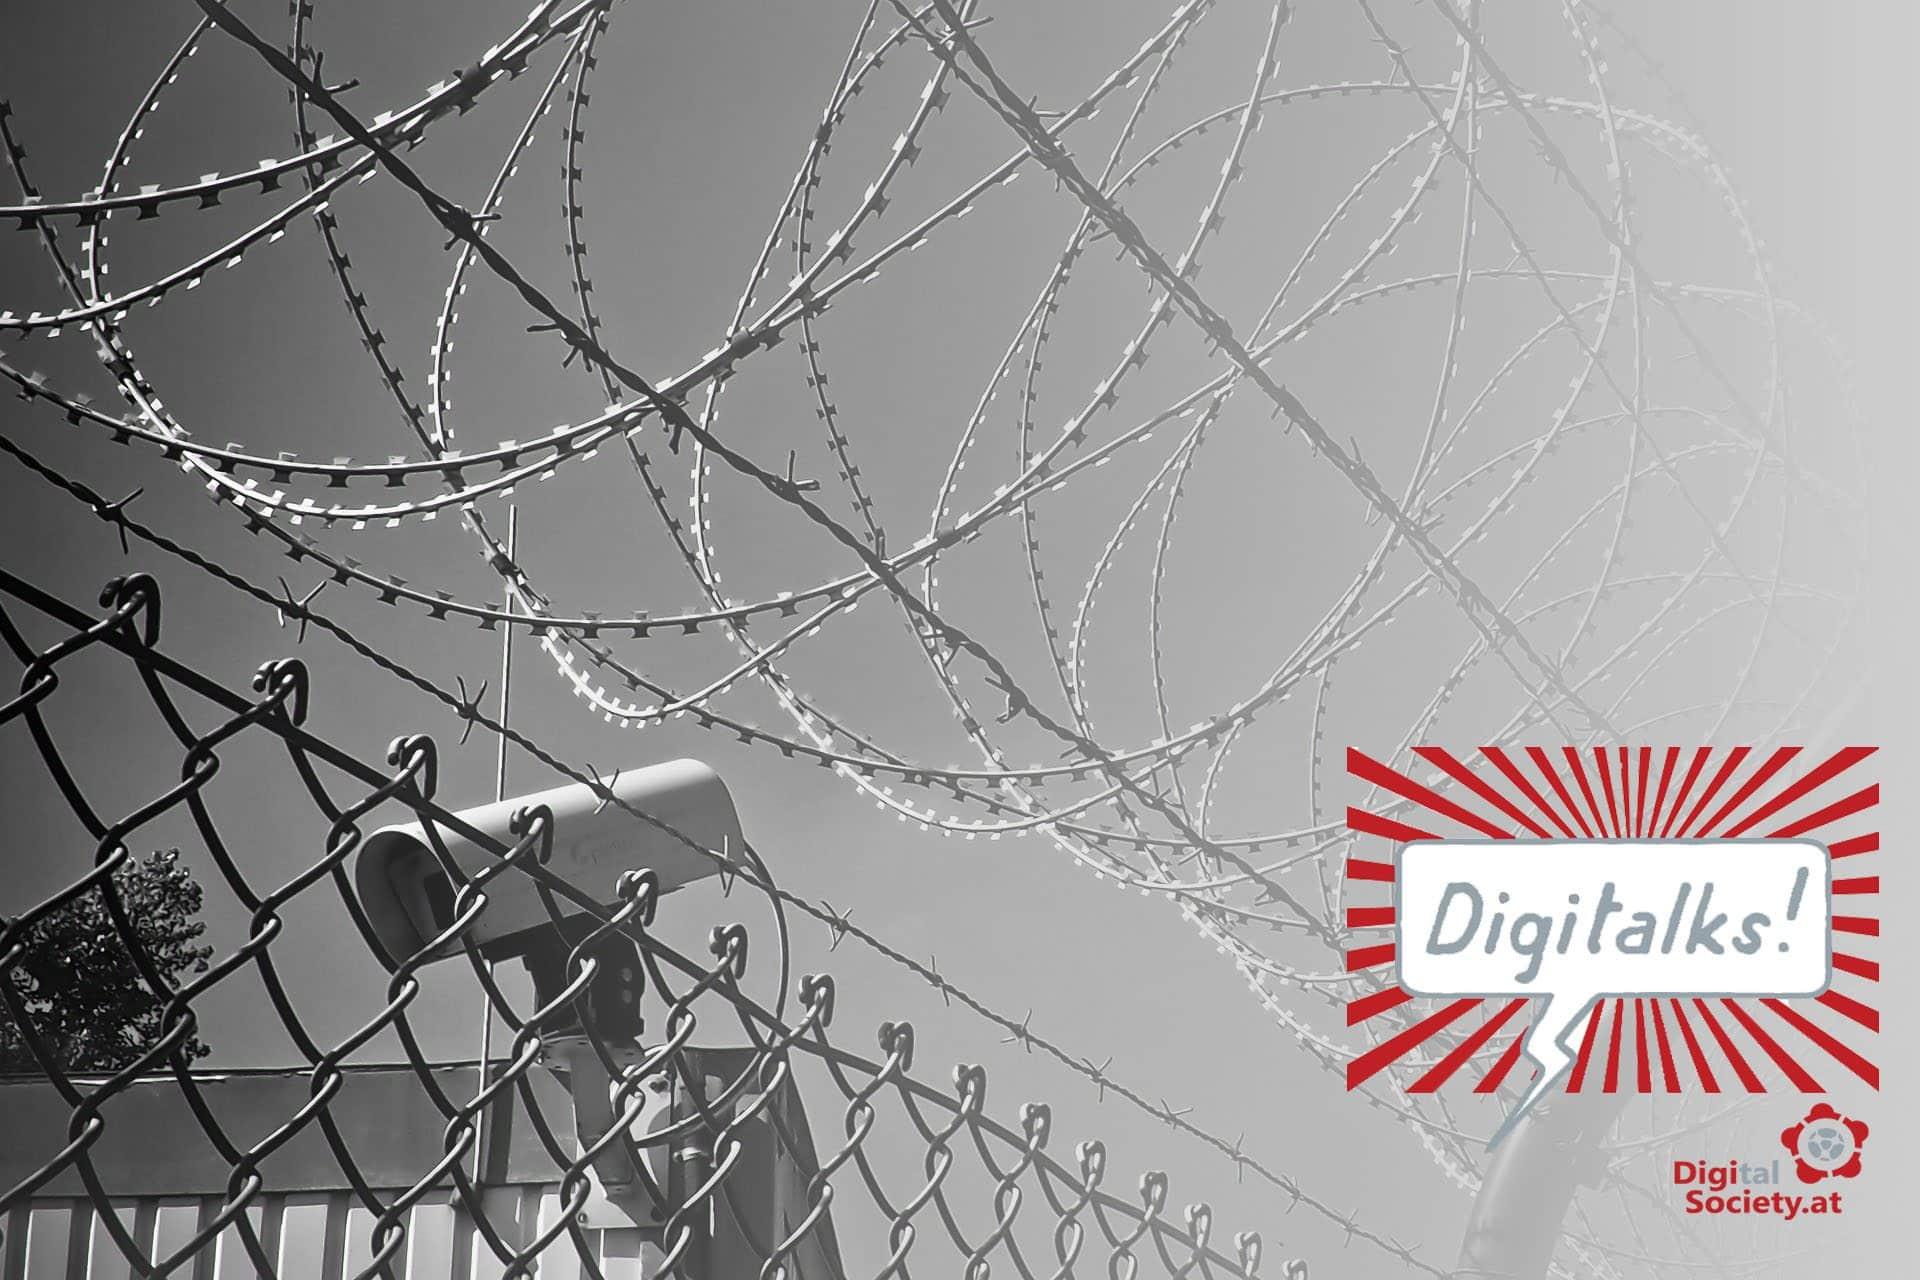 Nachlese Digitalk: Gefährdet das Sicherheitspaket unsere Demokratie? (13.09.17)